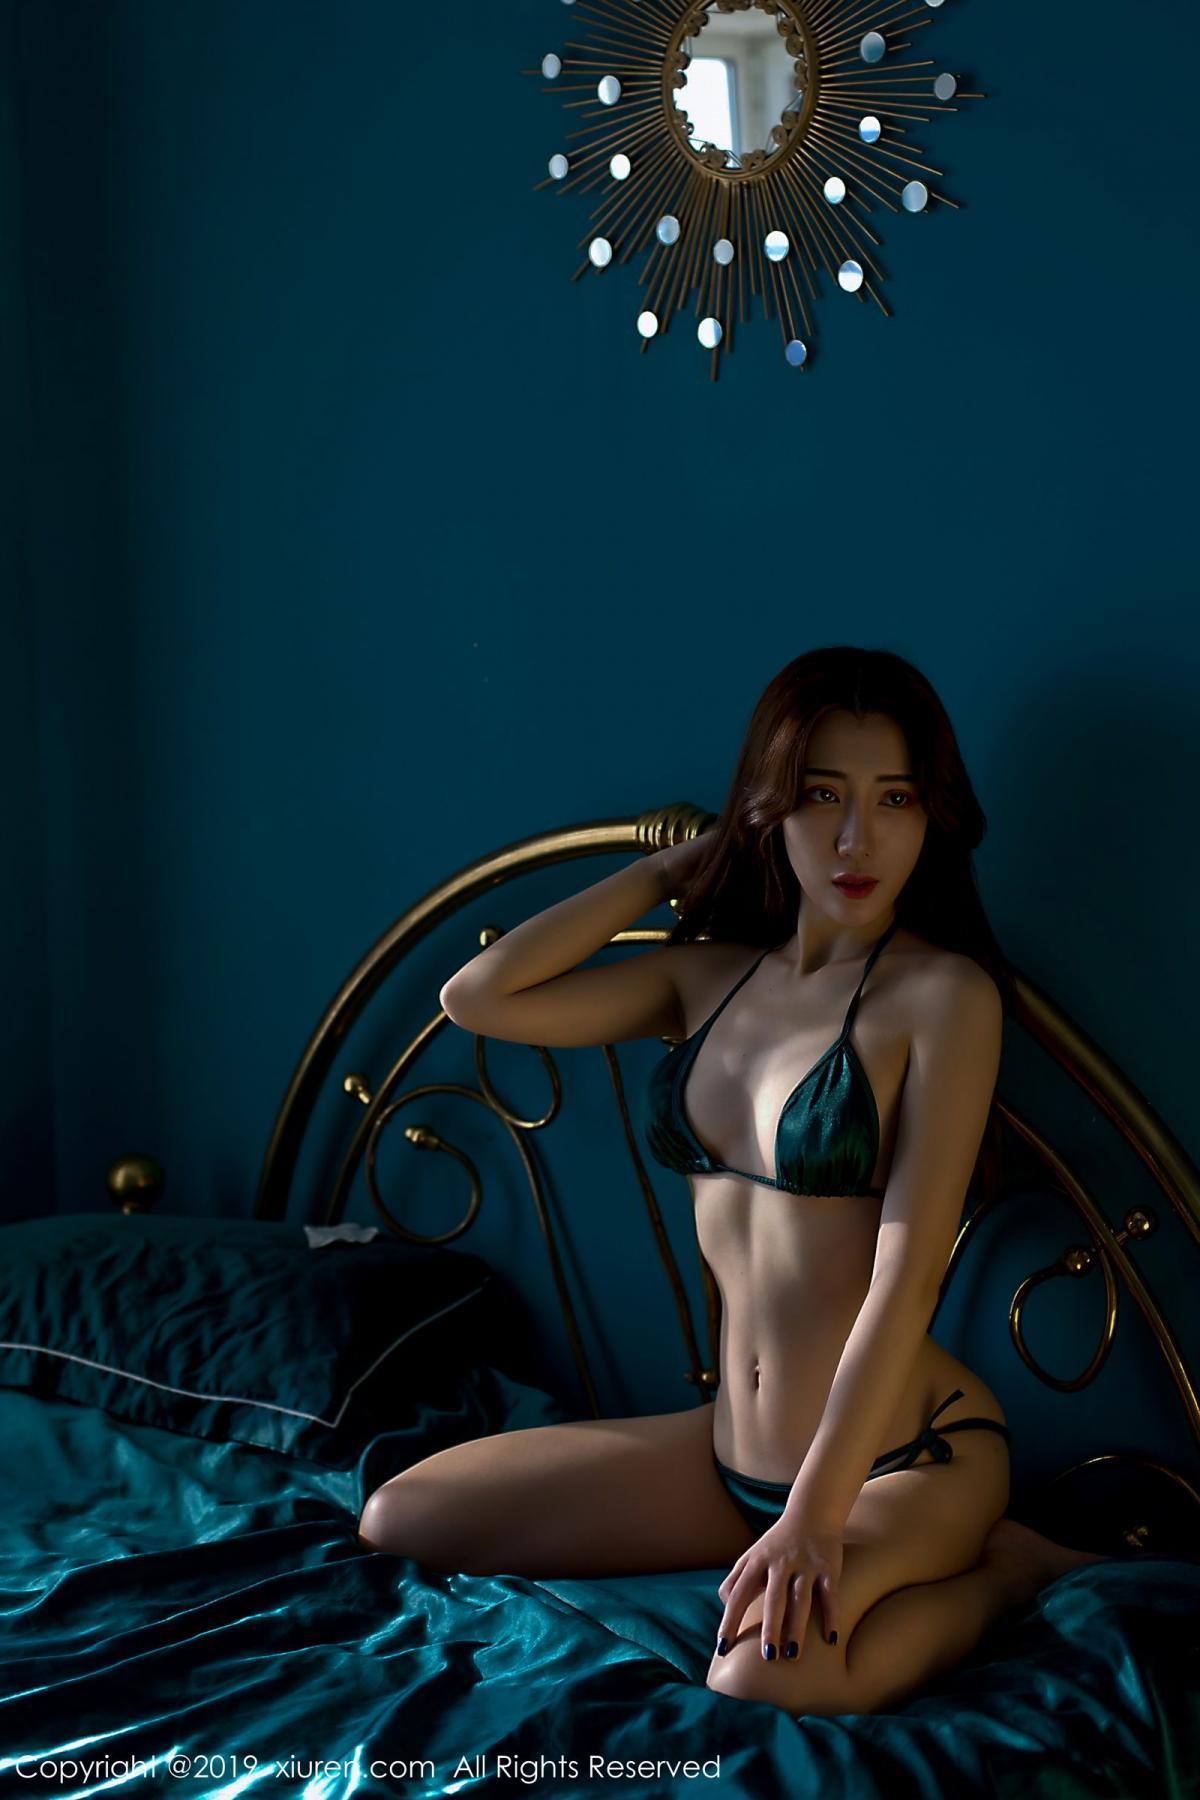 [XiuRen] Vol.1725 Zhi Zhi 2 20P, Underwear, Xiuren, Zhi Zhi